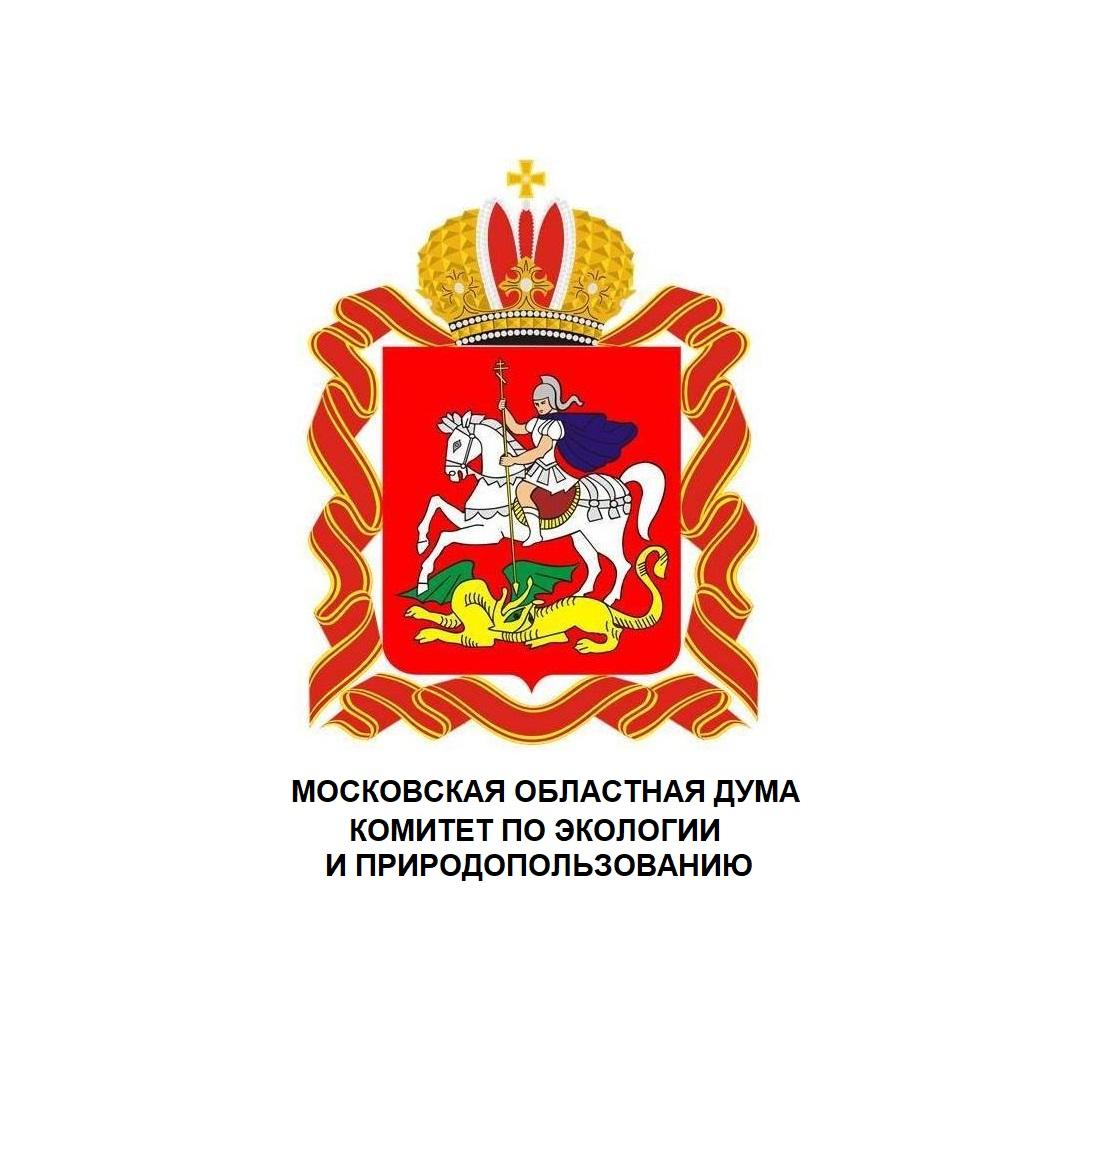 Комитет по экологии и природопользованию Мособлдумы